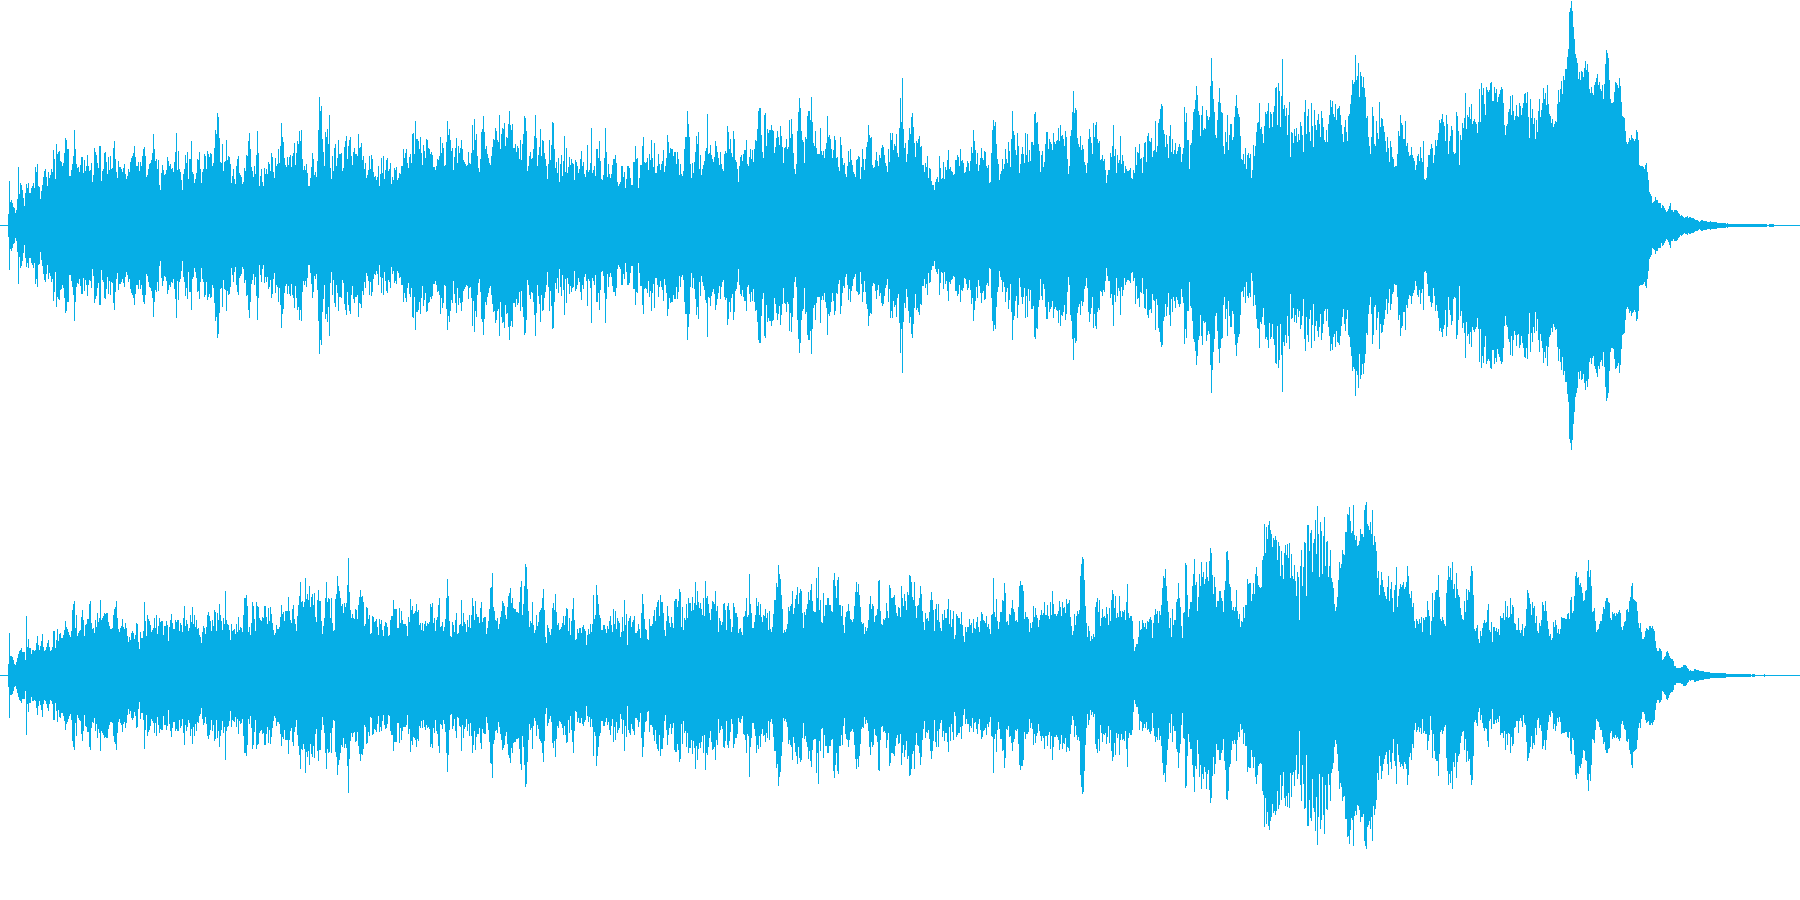 キラキラしたメルヘンチックなジングル4の再生済みの波形